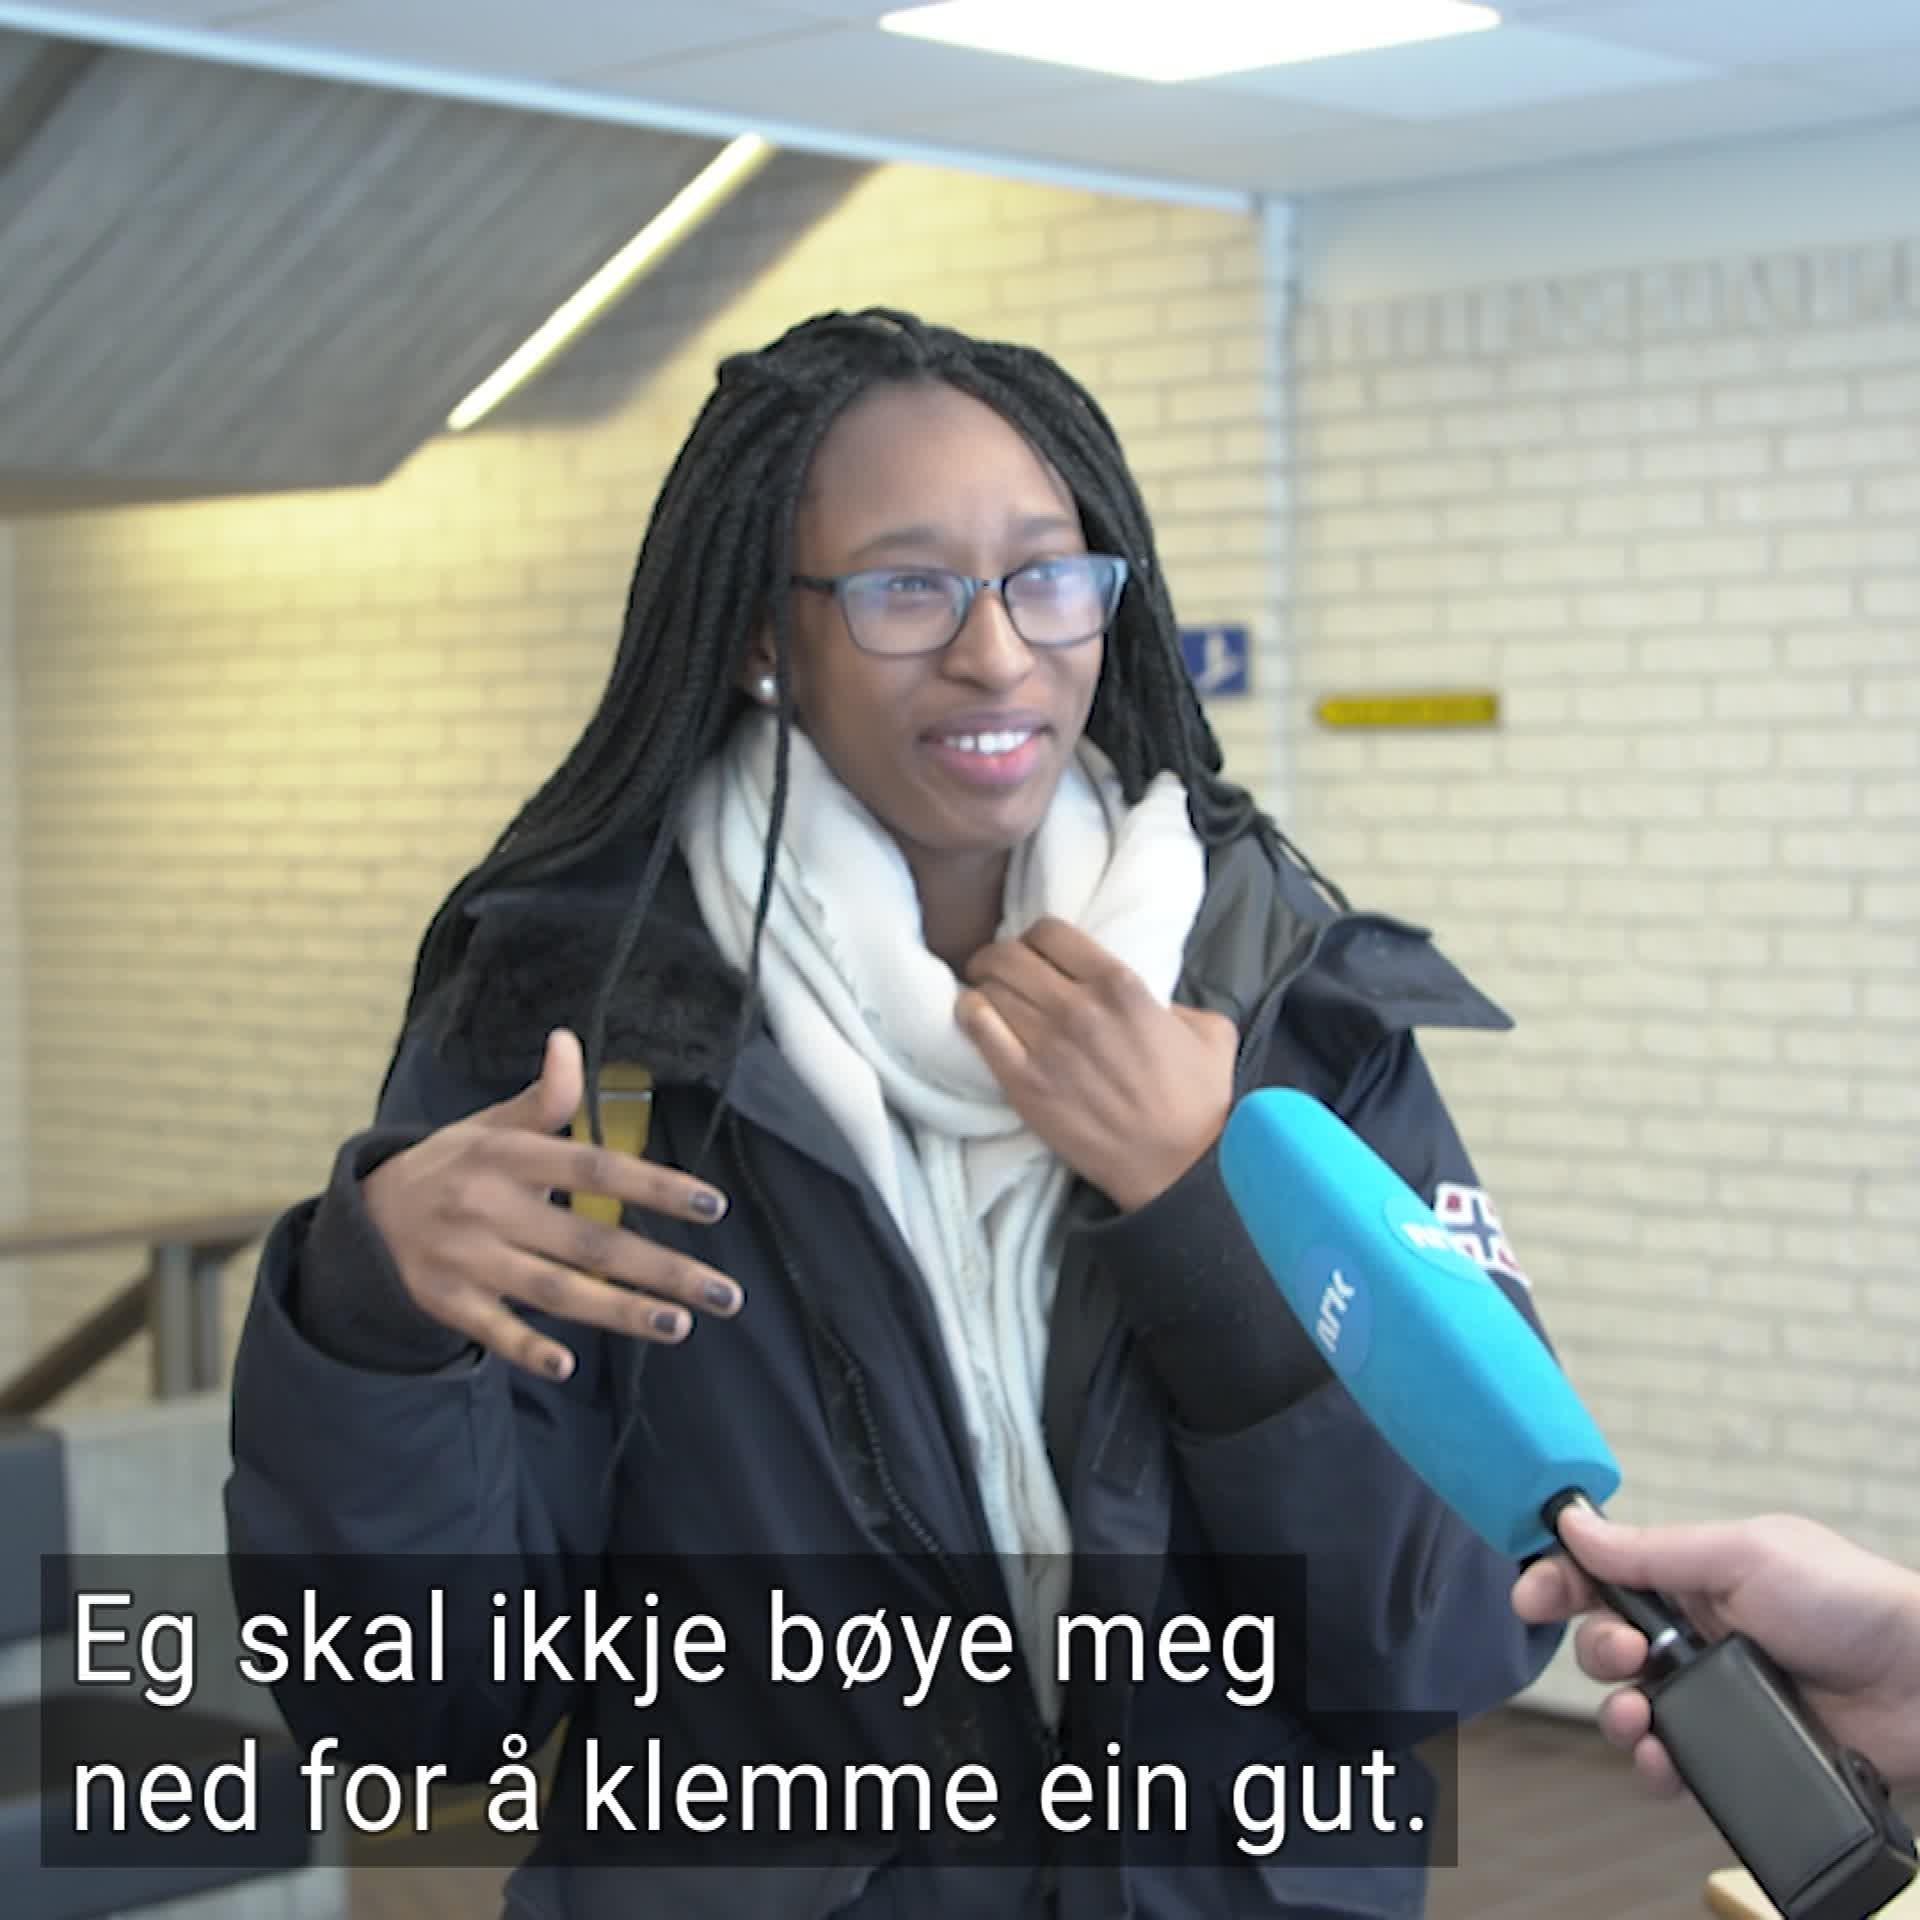 Er det greitt å stille høgdekrav på Tinder? - NRK